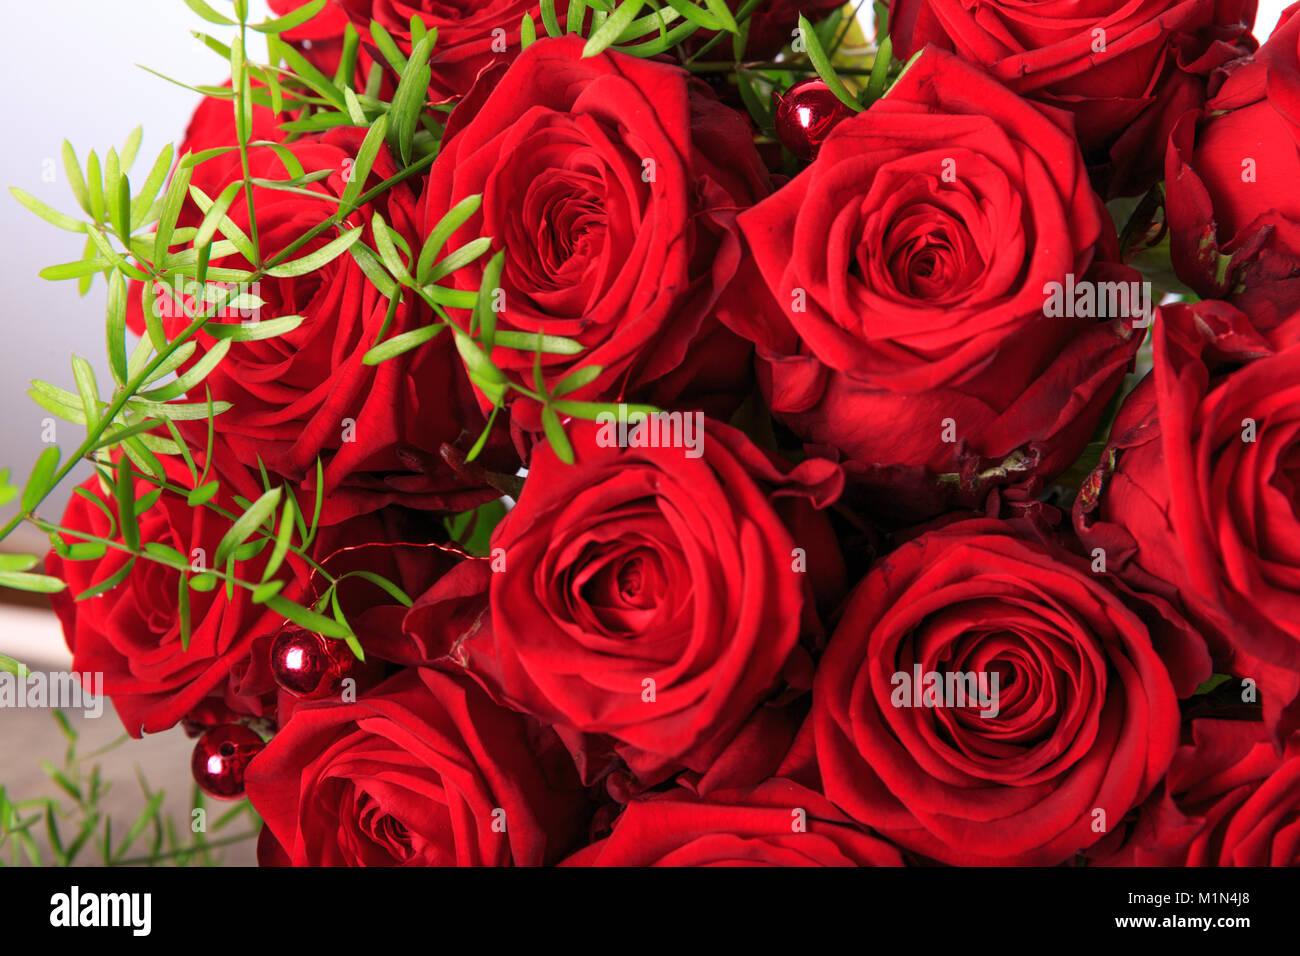 luxus strau roter rosen in flower shop valentinstag blumenstrau aus roten rosen geburtstag. Black Bedroom Furniture Sets. Home Design Ideas